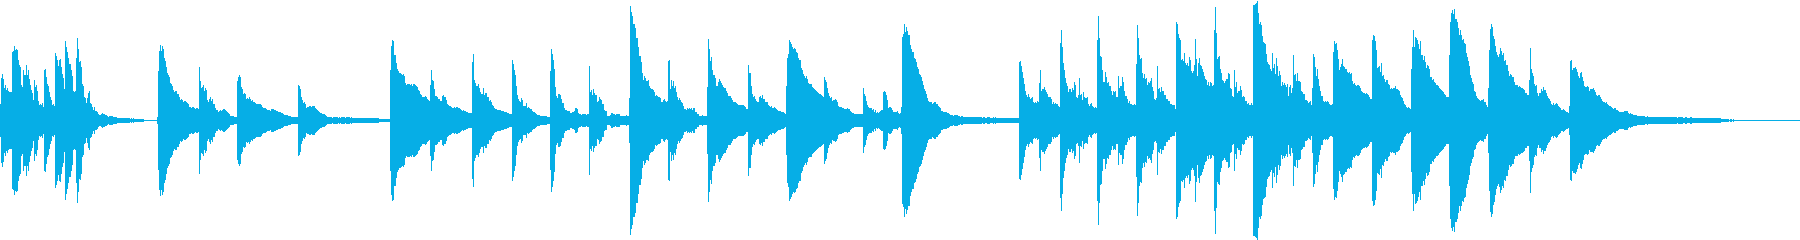 ヨーロッパの朝をイメージしたピアノBGMの再生済みの波形